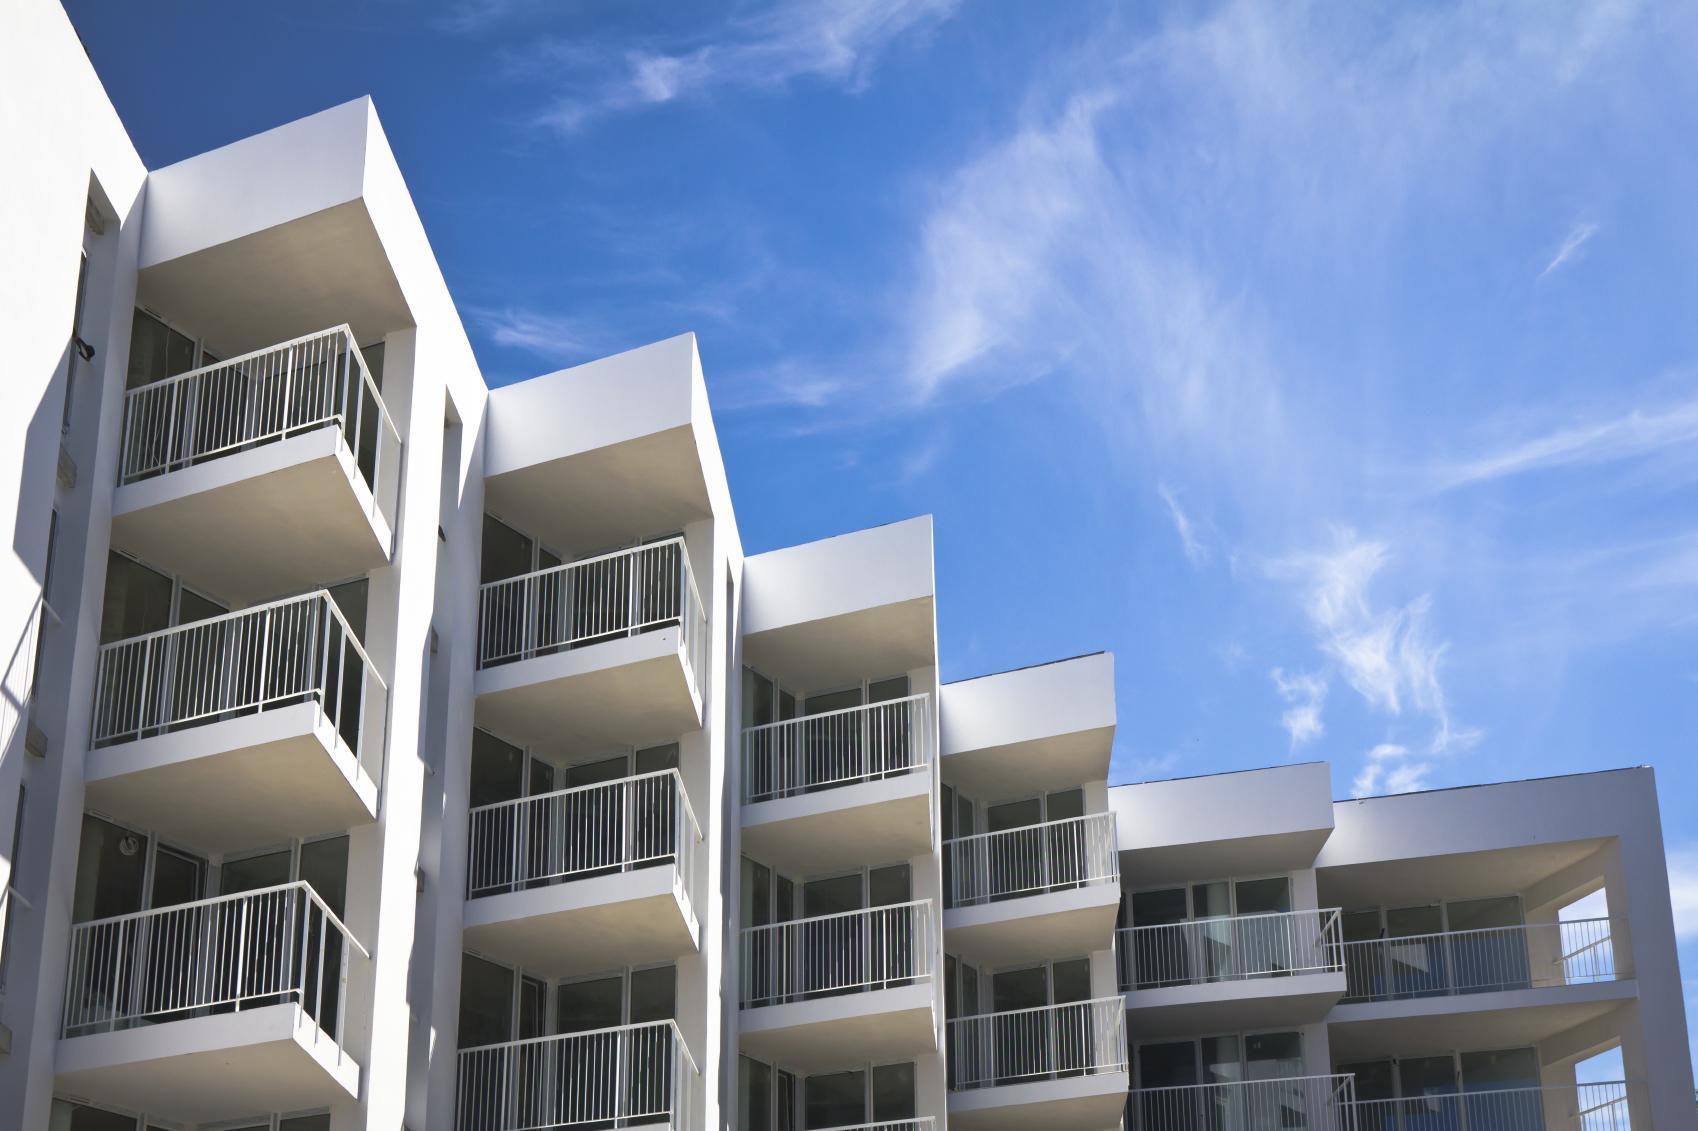 immobilienmakler polen immobilien in polen reba immobilien ag. Black Bedroom Furniture Sets. Home Design Ideas